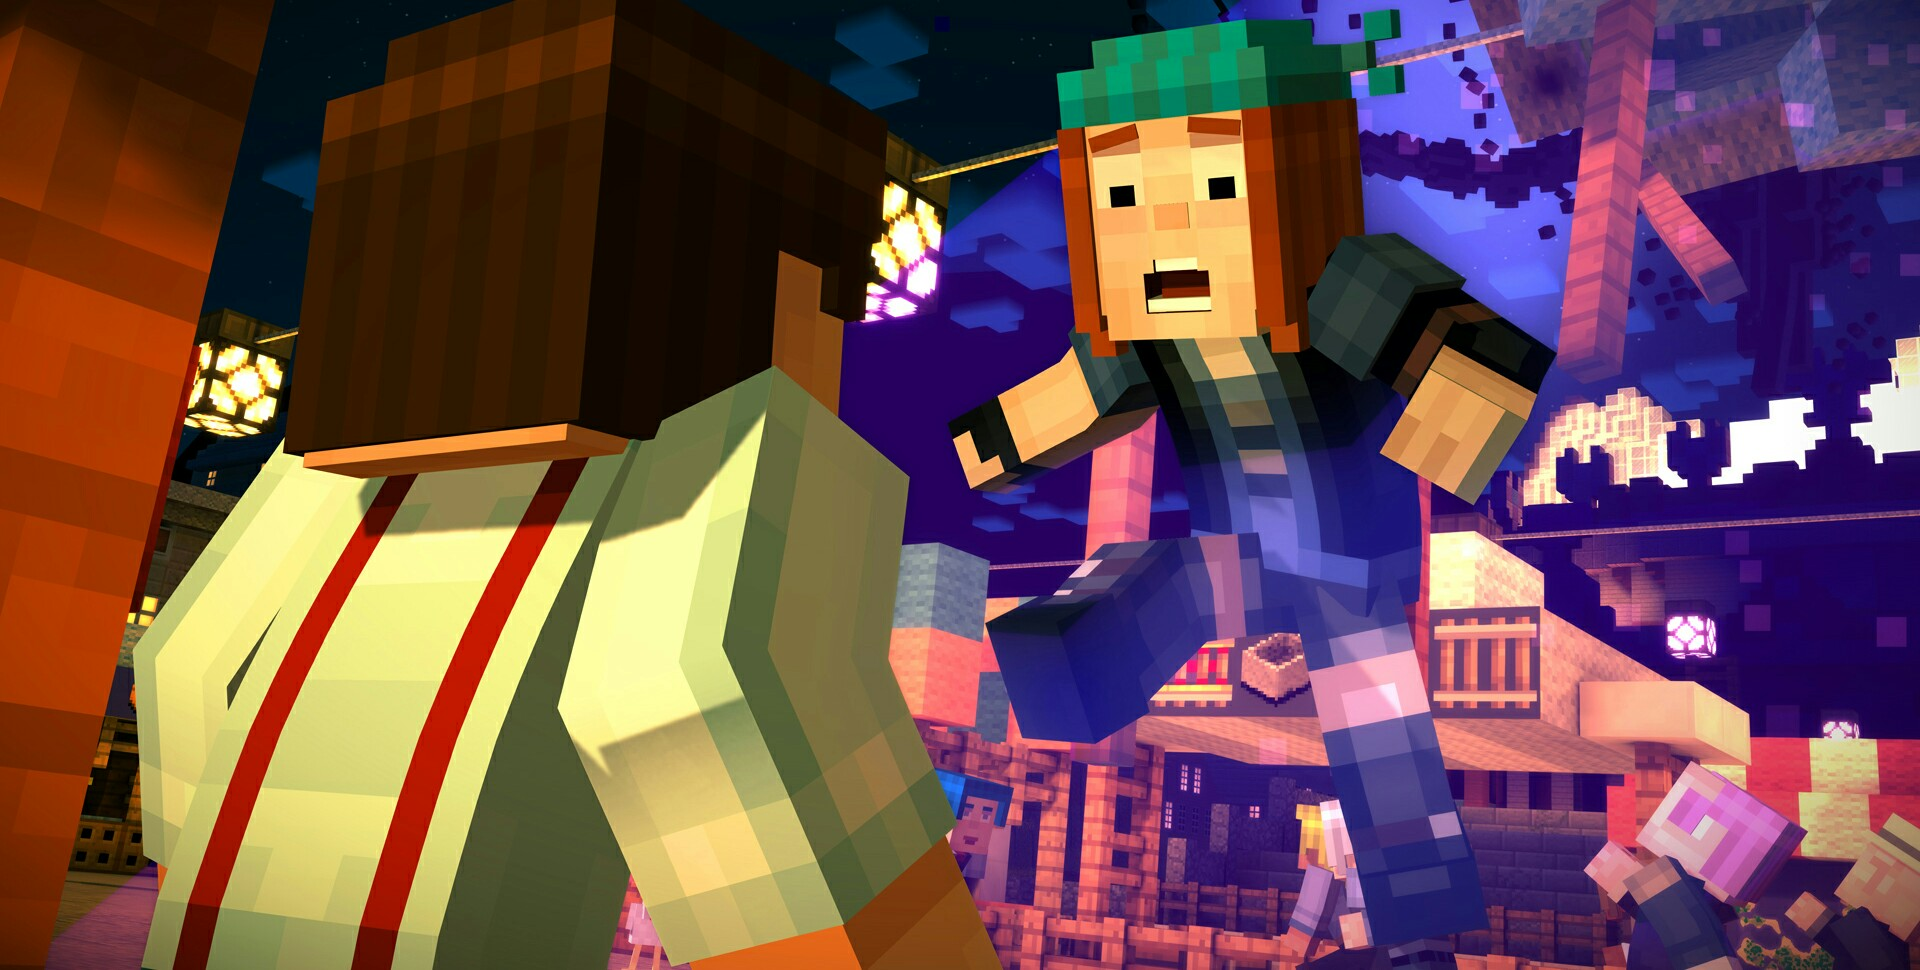 تنزيل Minecraft Story Mode الحلقة 5 RELOADED ، تنزيل Minecraft Story Mode الحلقة 5 ، تنزيل جميع الحلقات الخمس من Minecraft Story Mode ، تنزيل الحلقة 5 فقط Minecraft Story Mode ، تنزيل مباشر Minecraft Story Mode الحلقة 5 ، تنزيل النسخة الكاملة من Minecraft Story Mode